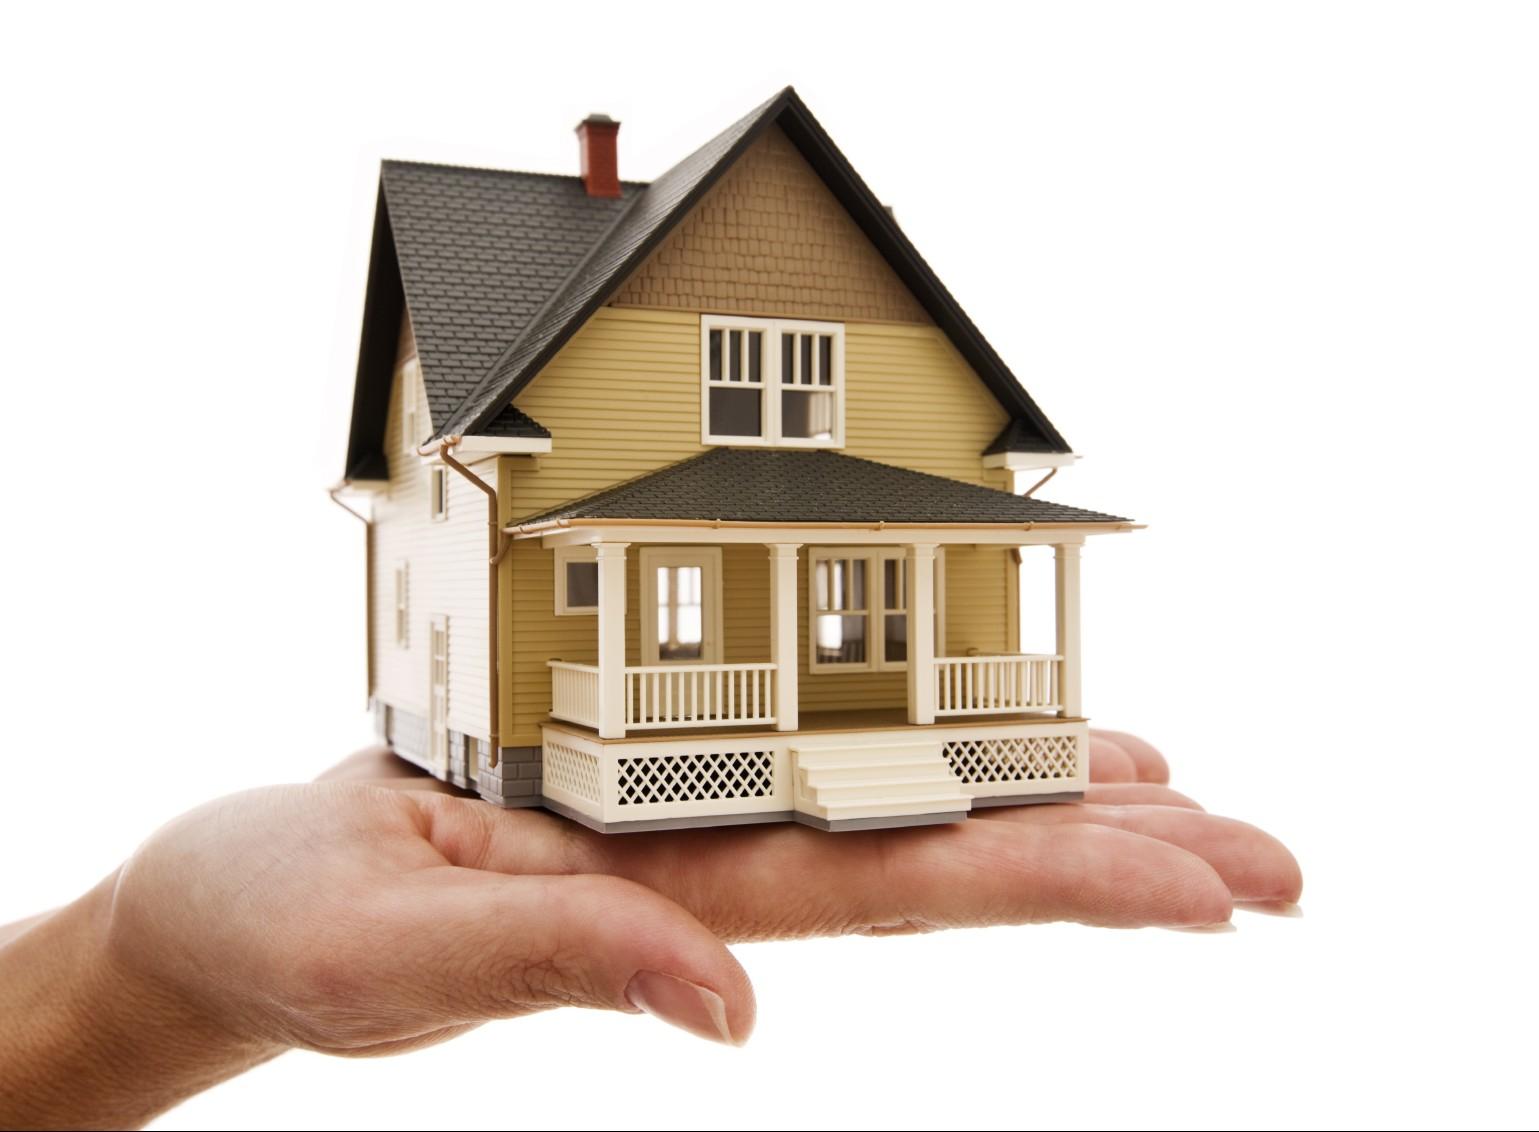 mua nha 1479637163 Một số thủ tục cần thiết khi mua nhà nên quan tâm